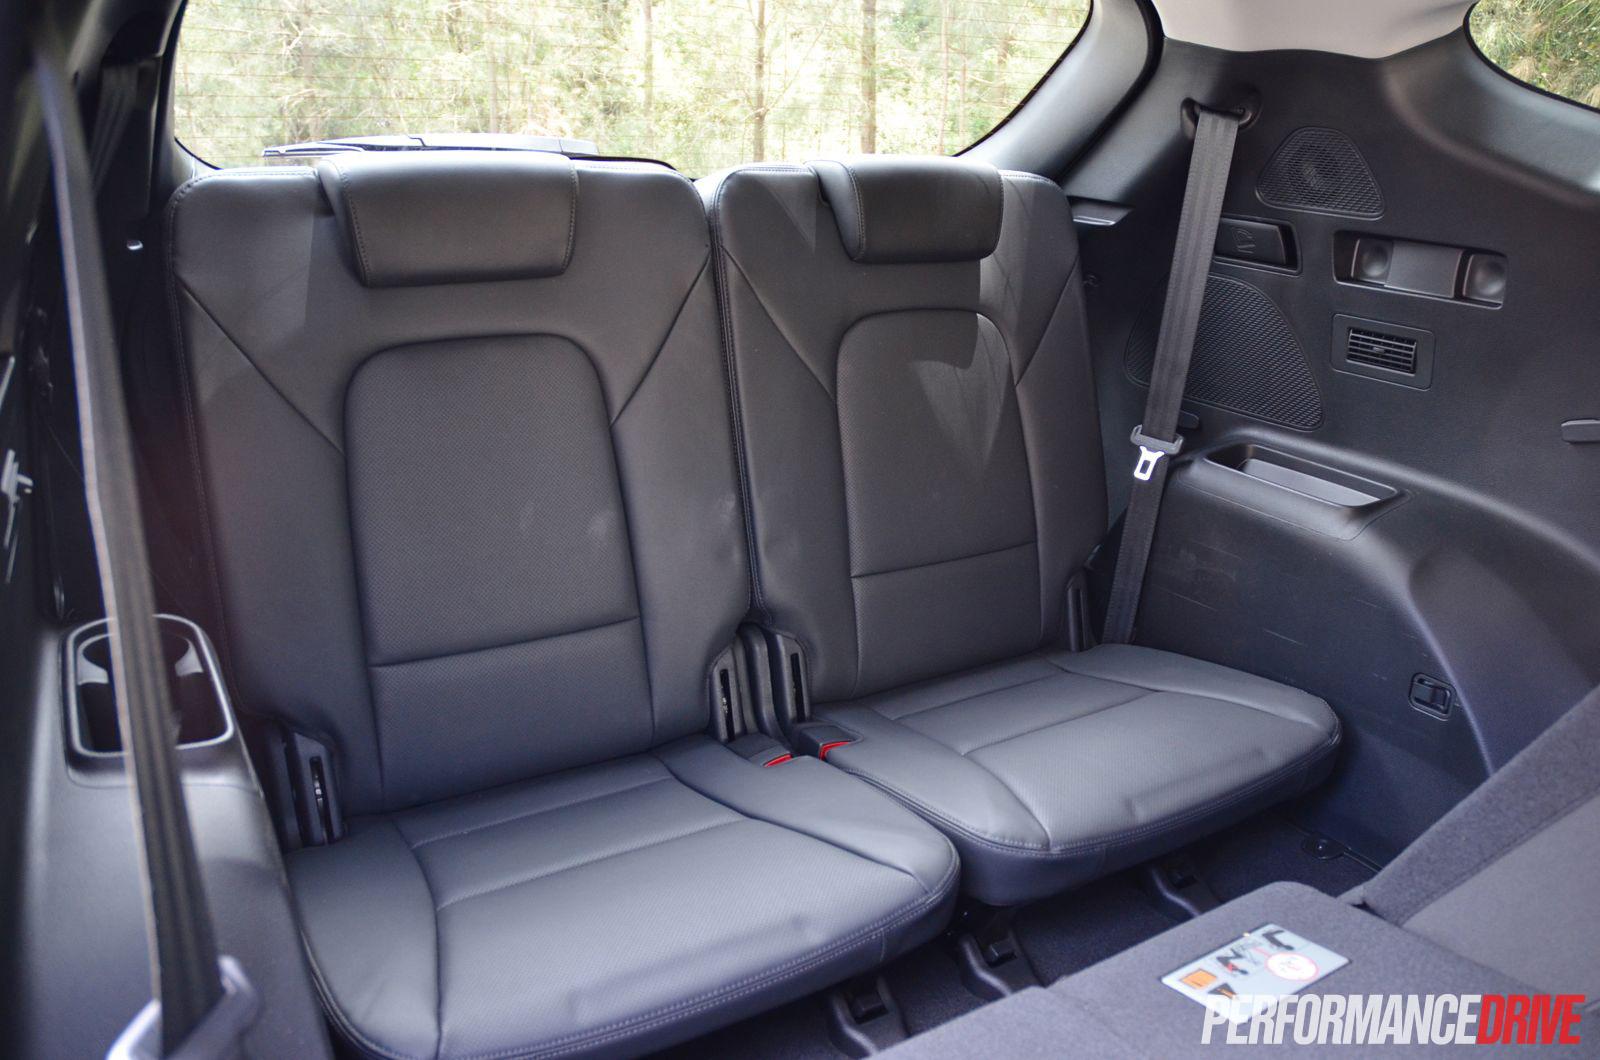 Hyundai Santa Fe Elite Third Row